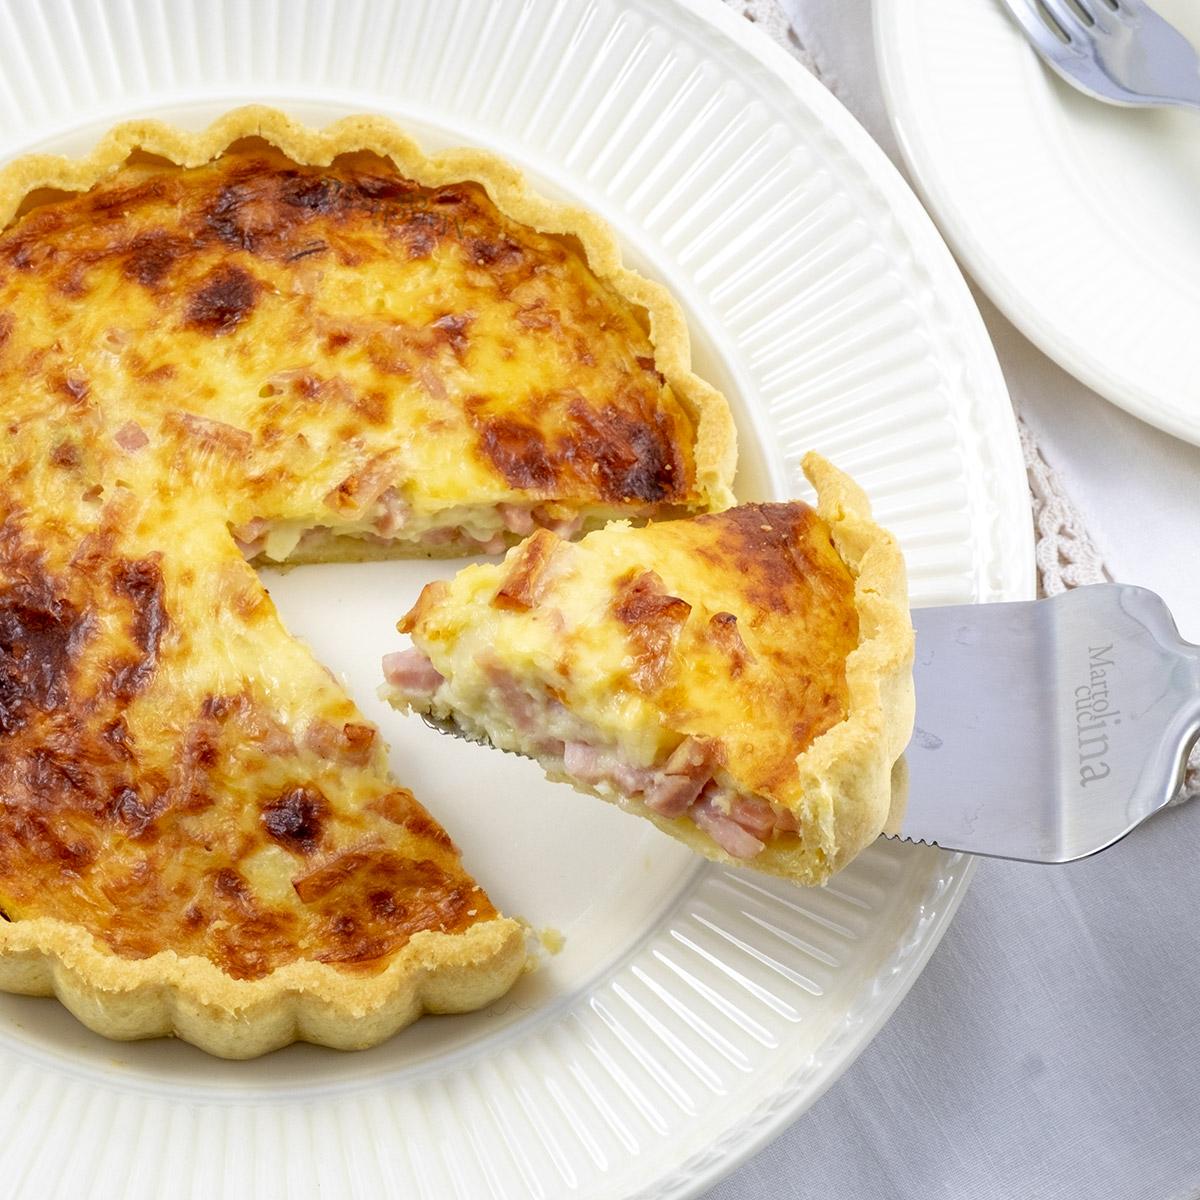 Torta salata con prosciutto ricotta e formaggio